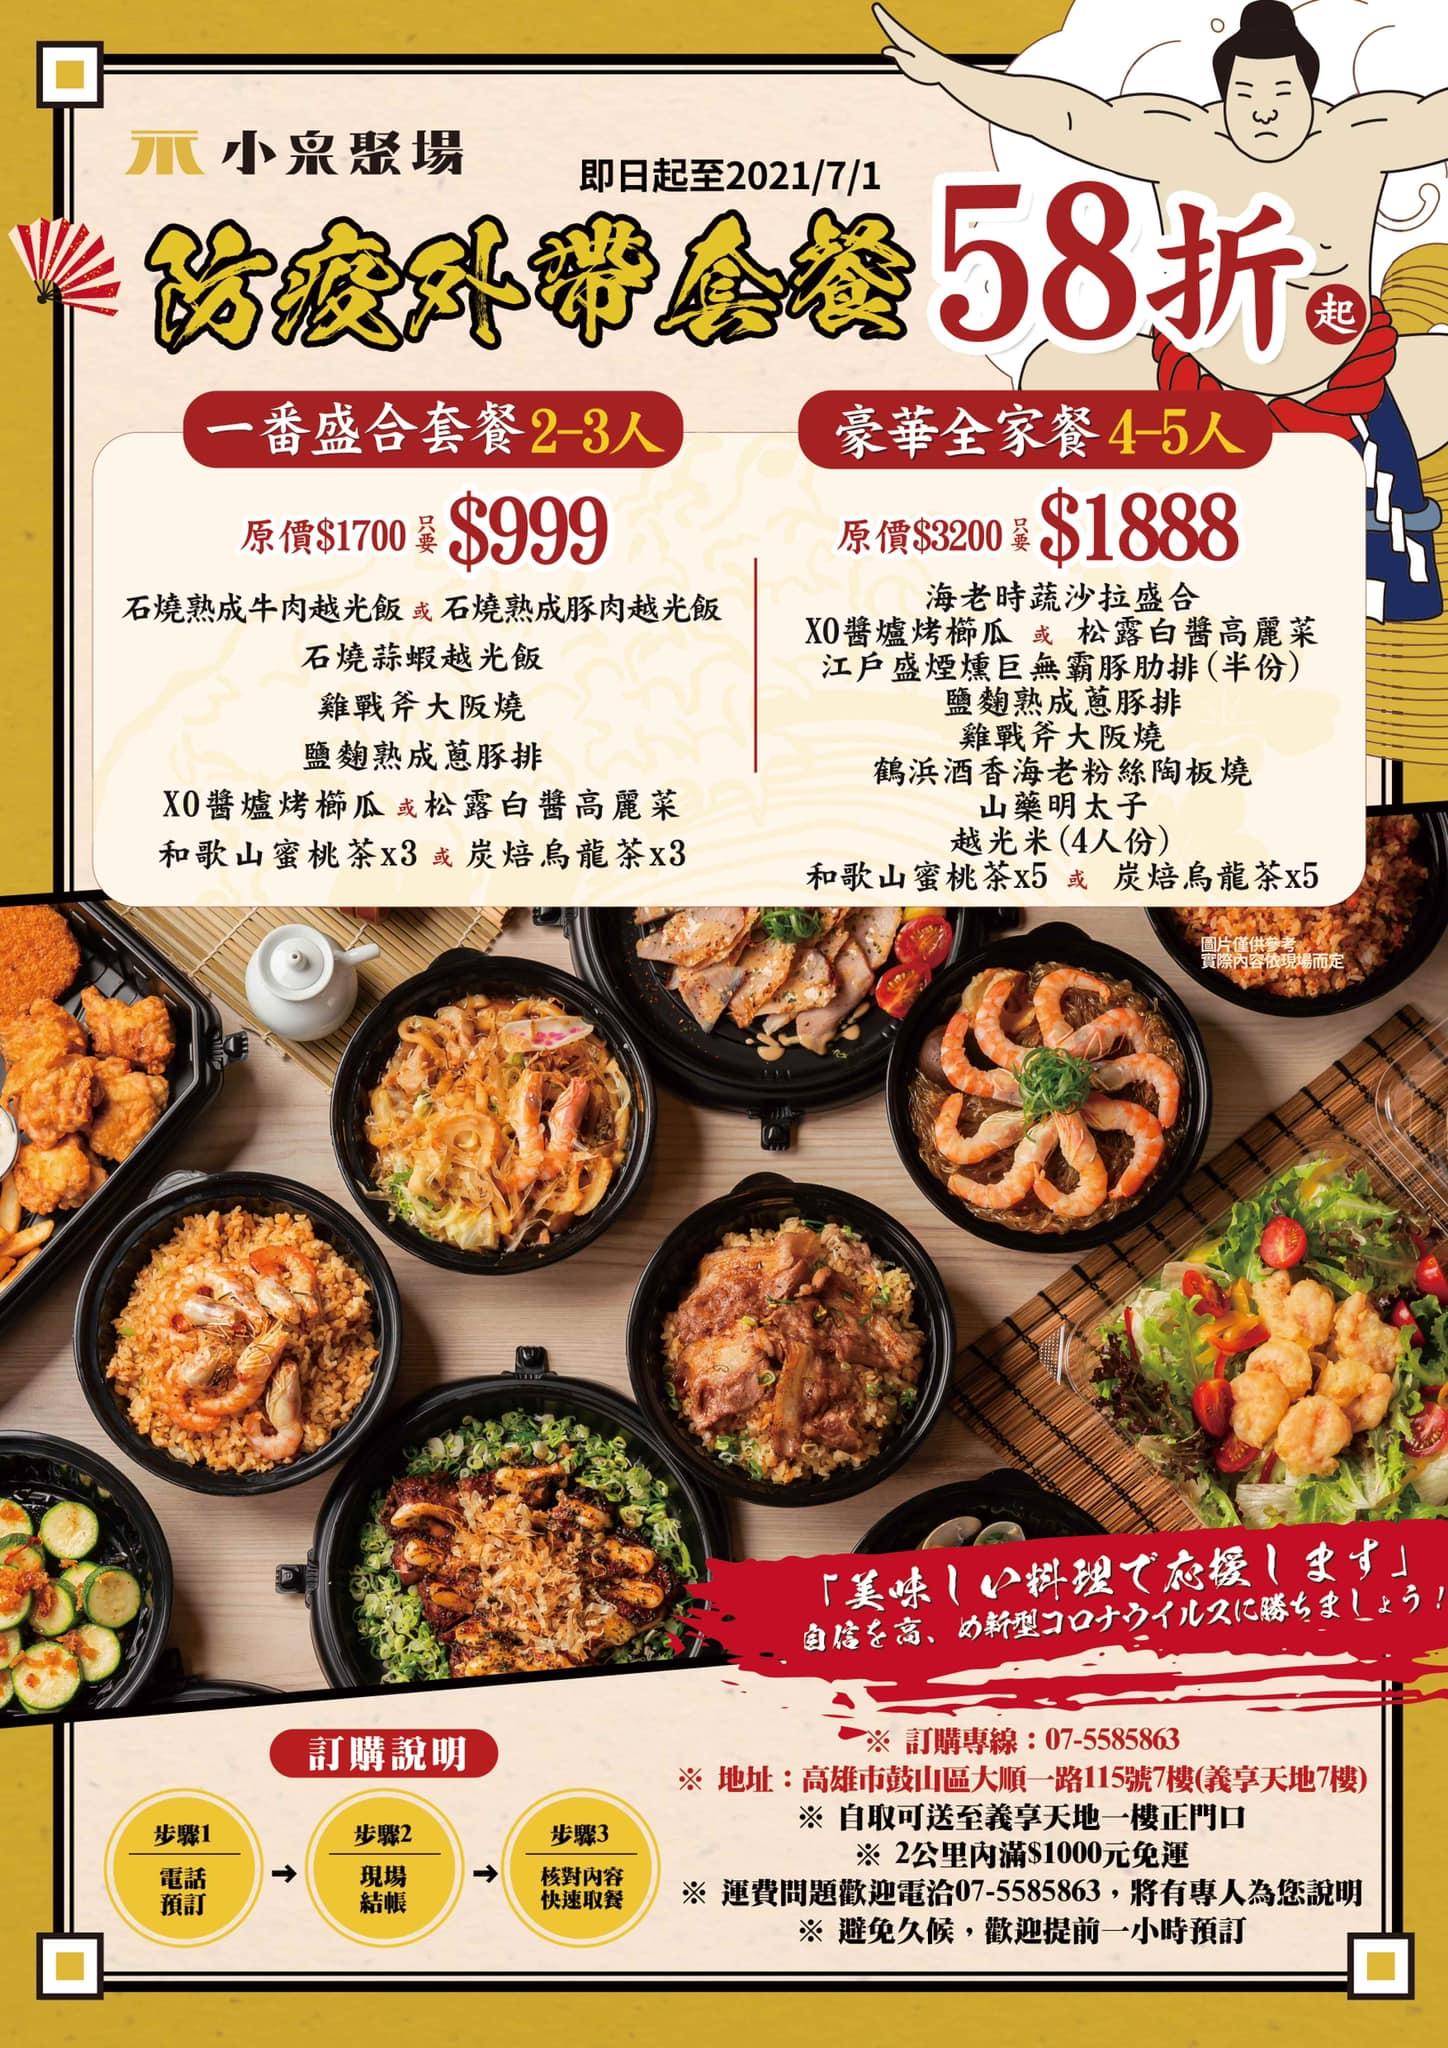 [高雄]小泉聚場-高雄無菜單水準級外帶日式餐~150元雙主菜日式便當、 超值2-5人家庭合菜 @美食好芃友